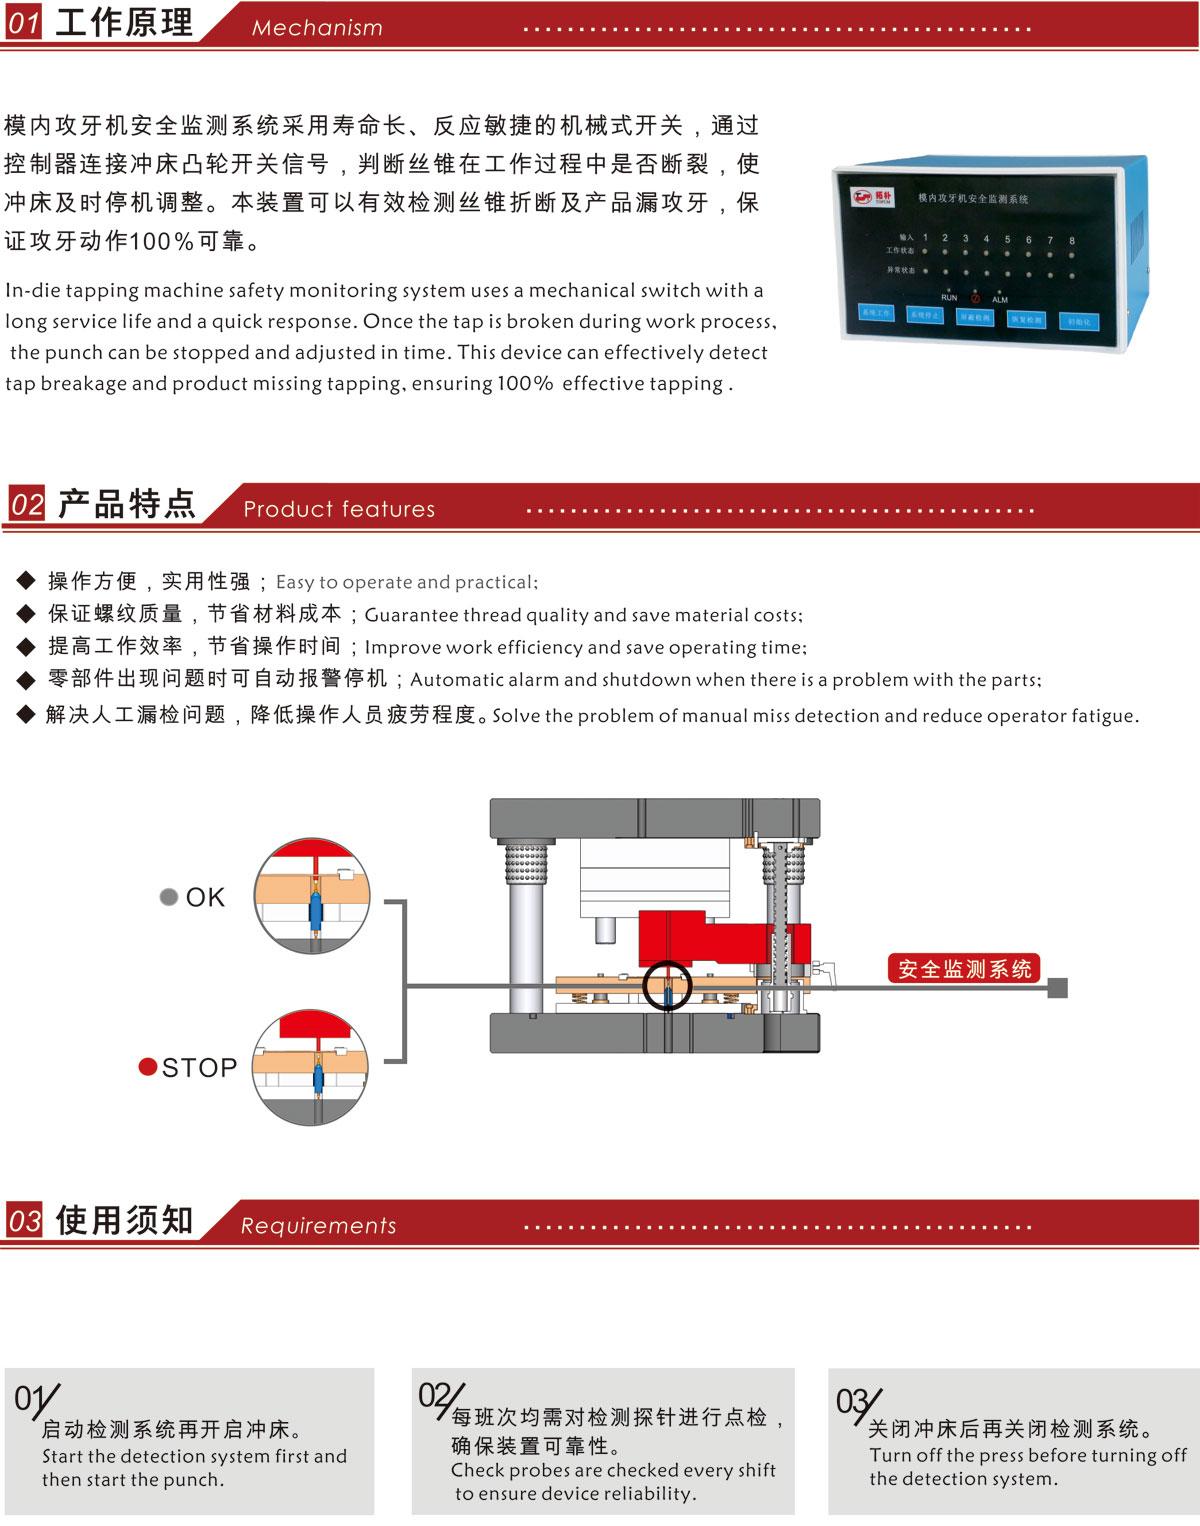 断丝锥检测装置【www.fastop.com.cn】